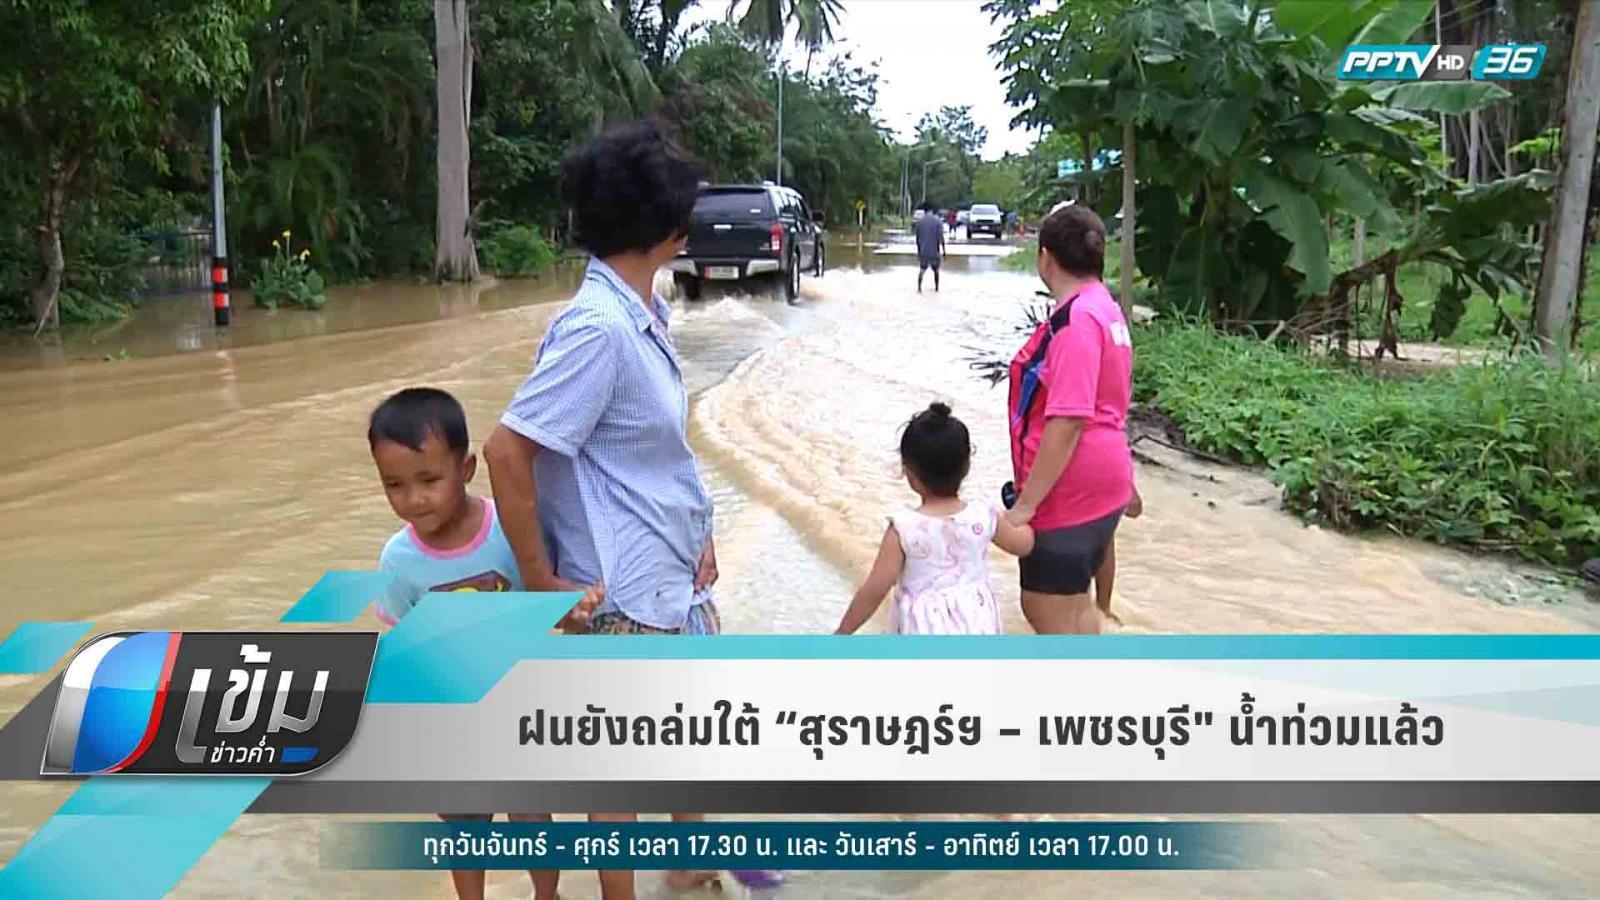 """ฝนยังถล่มใต้ """"สุราษฎร์ฯ – เพชรบุรี น้ำท่วมแล้ว"""